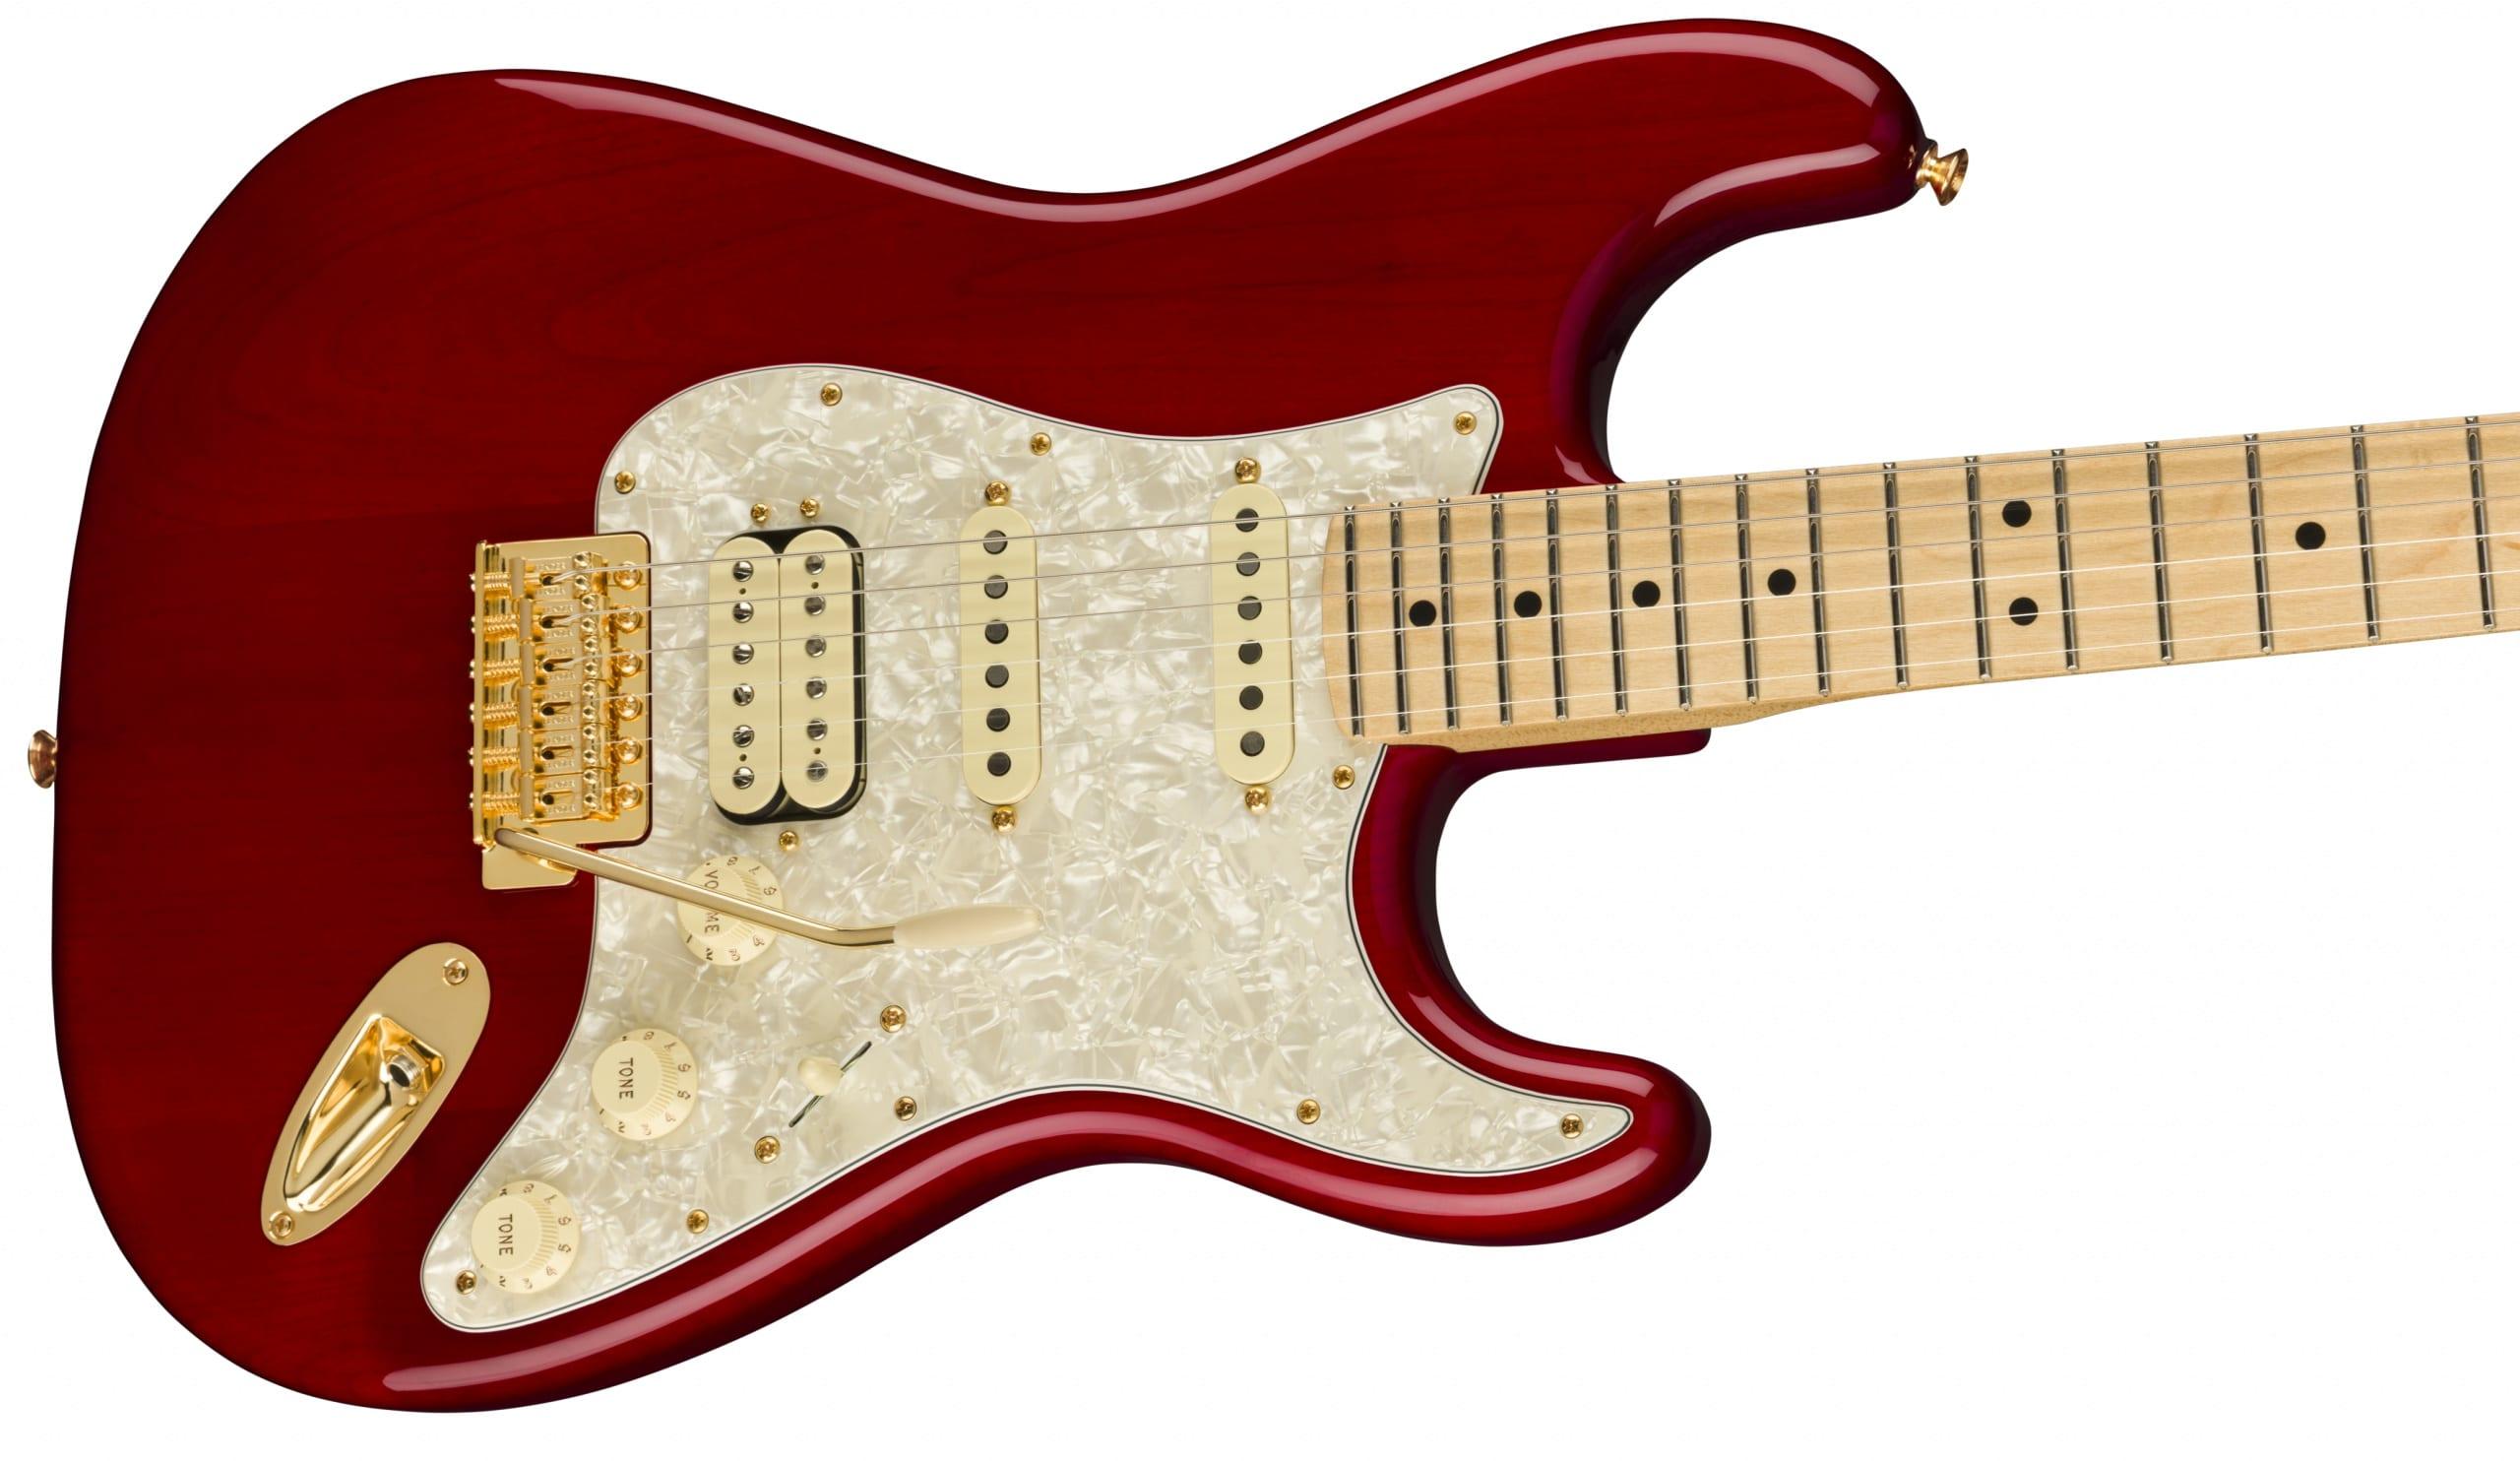 Fender Tash Sultana signature HSS Stratocaster closeup